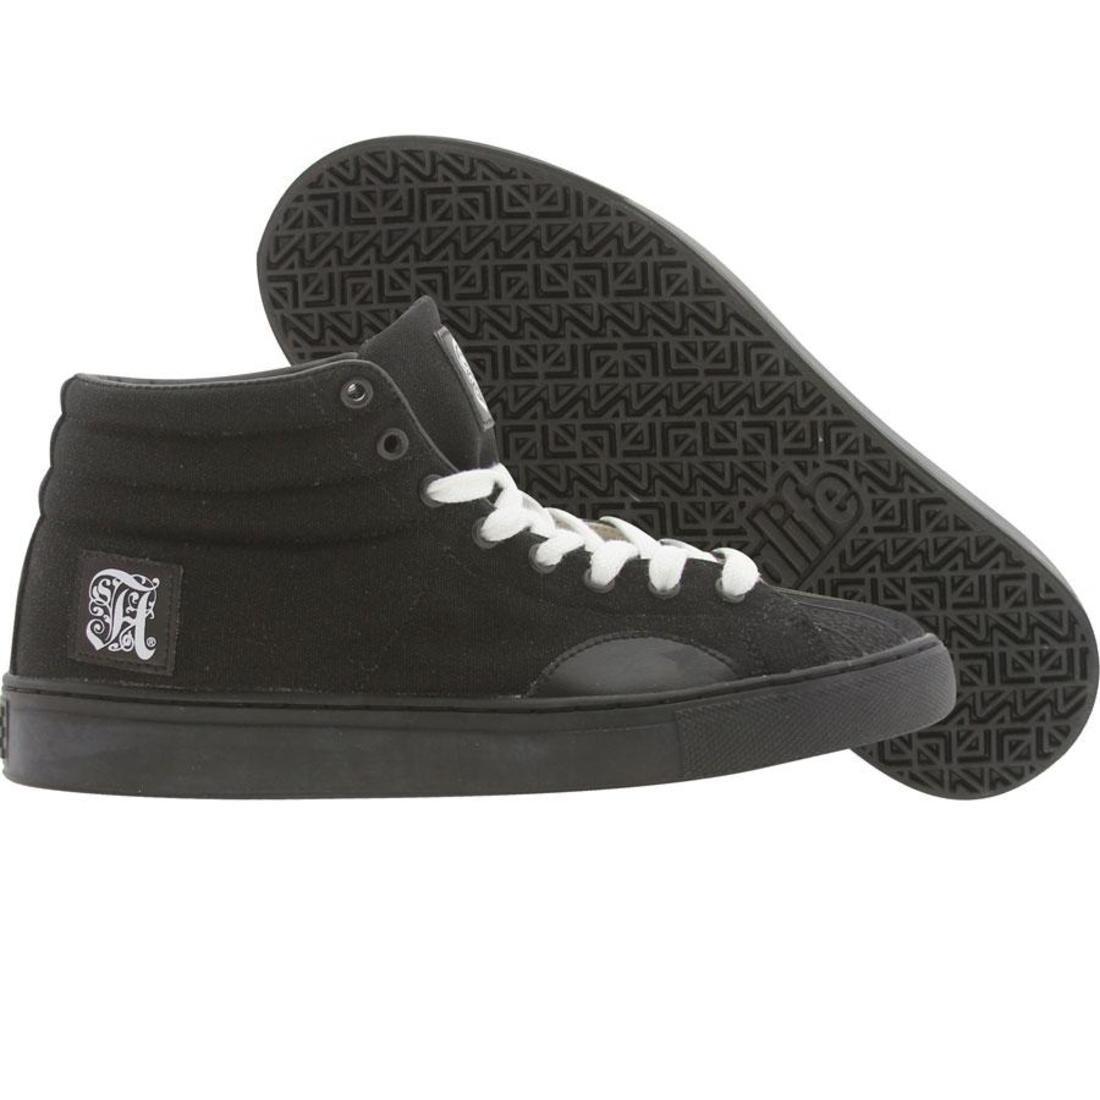 【海外限定】エーライフ シェル メンズ靴 靴 【 SHELL ALIFE MEN TOE CANVAS BLACK 】